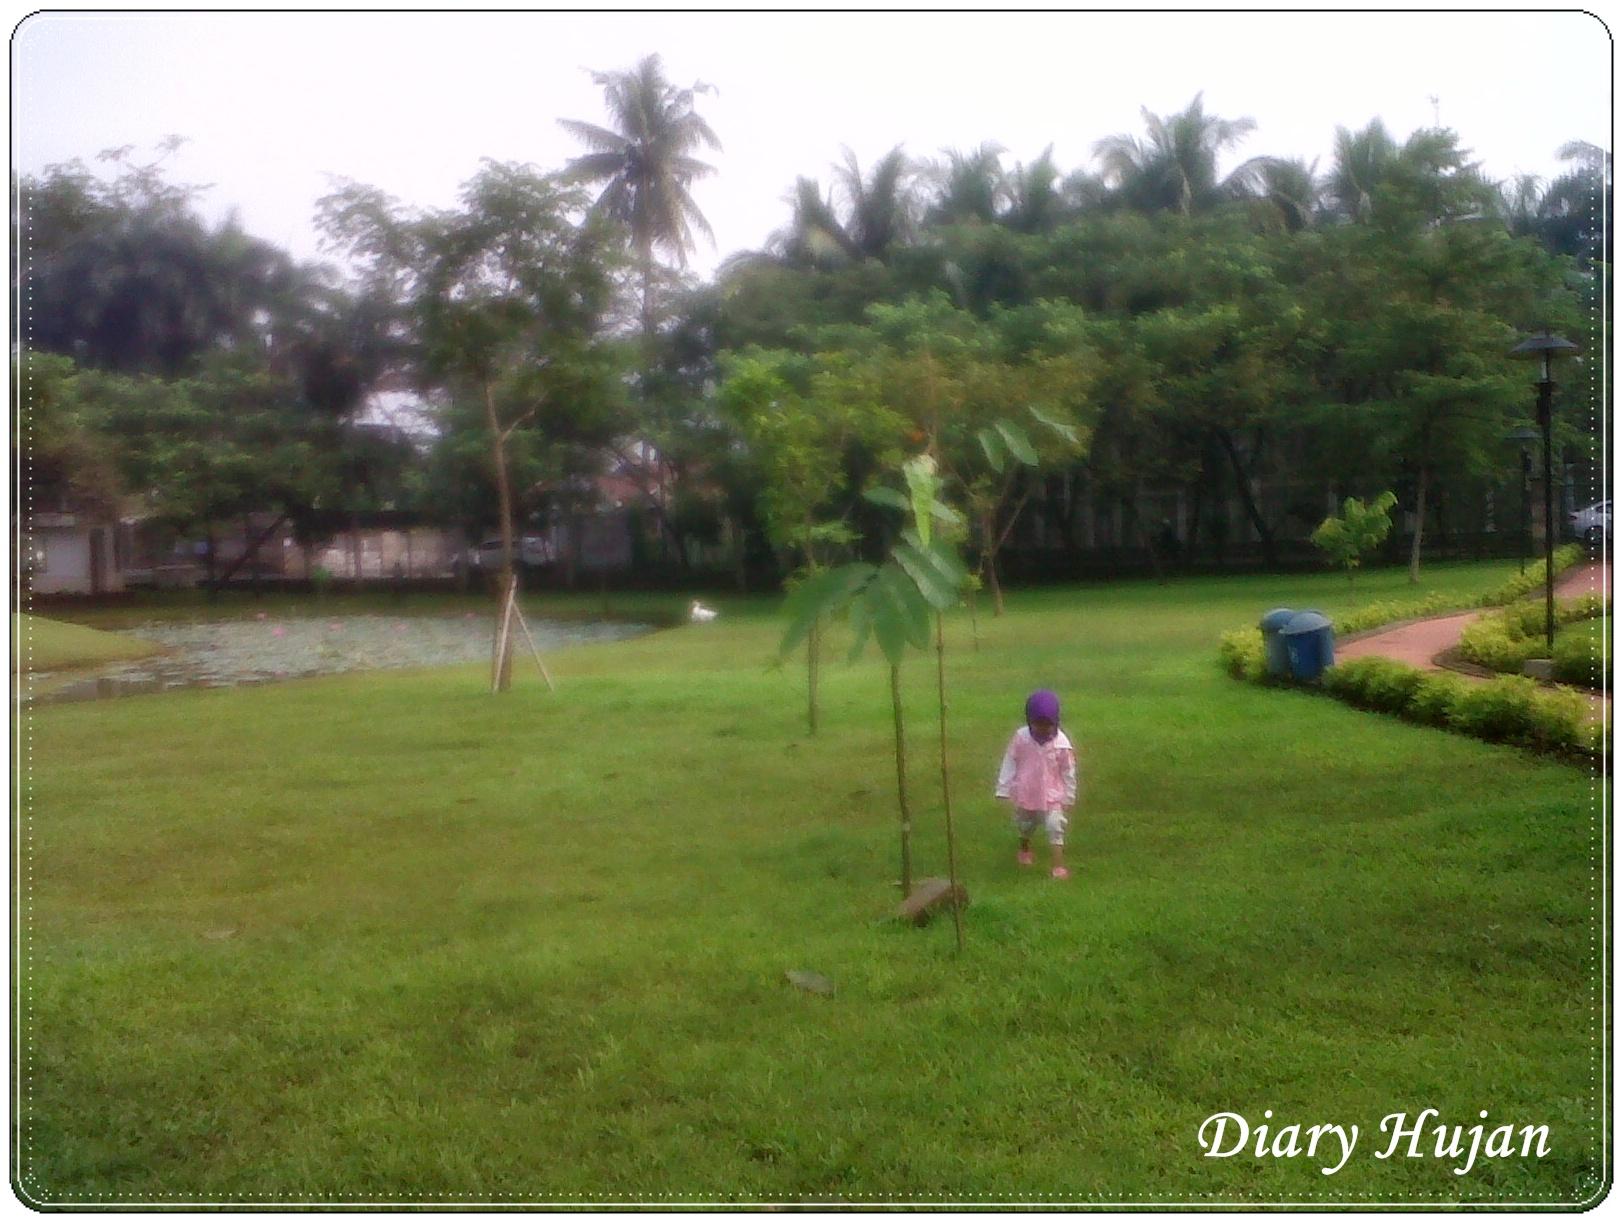 Afra Punya Opini Diary Hujan Laman 2 Oke Sebenernya Mendokumentasikan